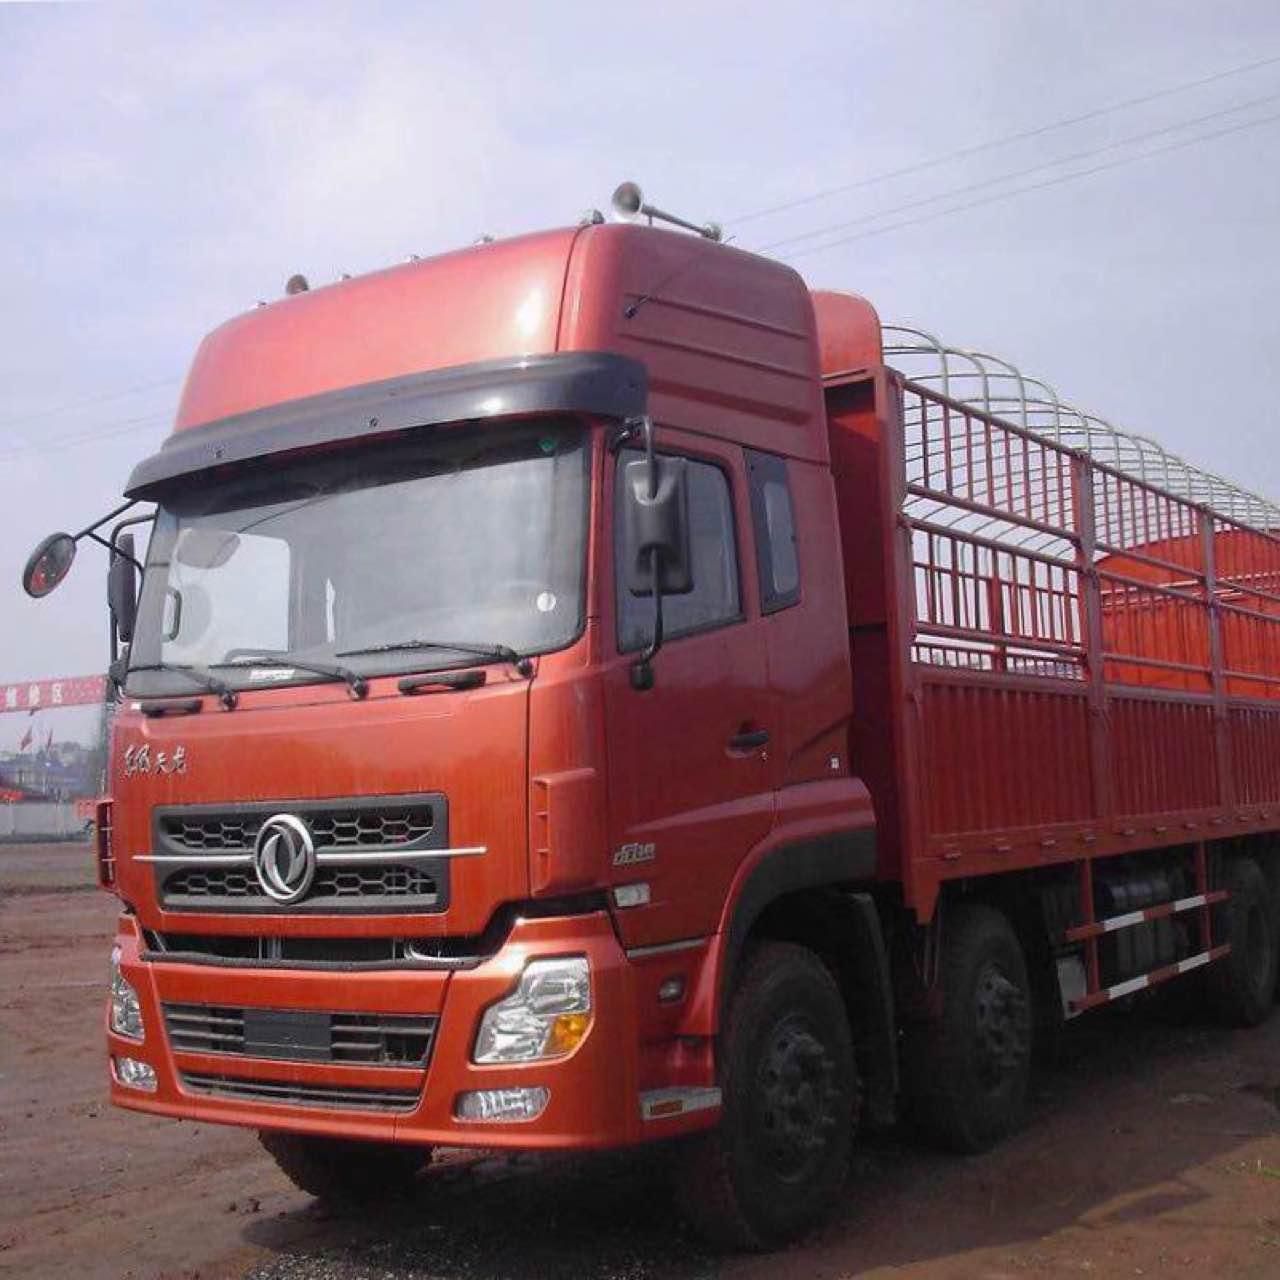 特殊货品长途运输 特种运输